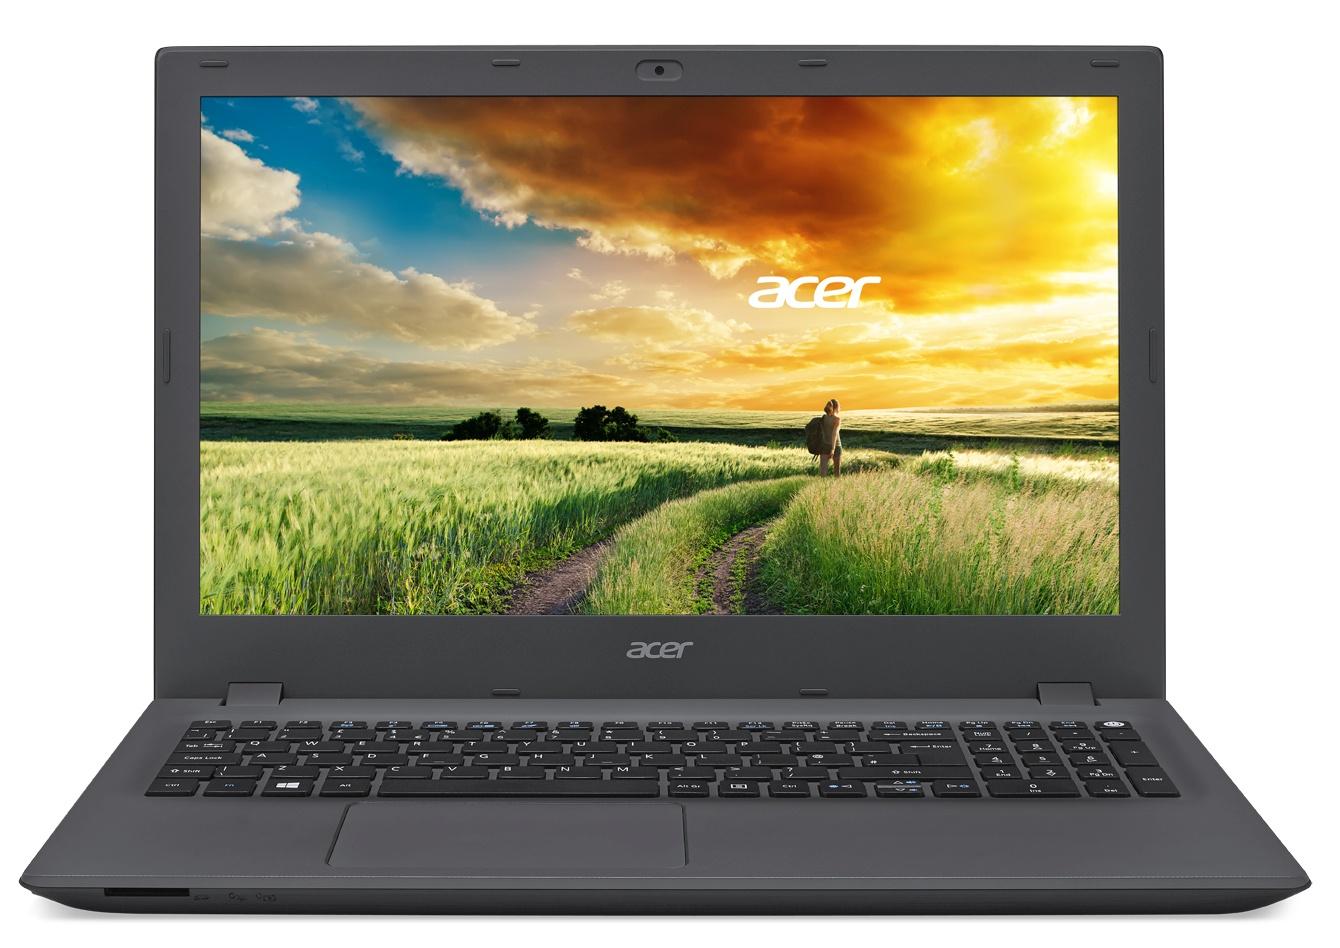 Acer Aspire E15 15,6/A8-7410/4G/1TB/W10 šedý